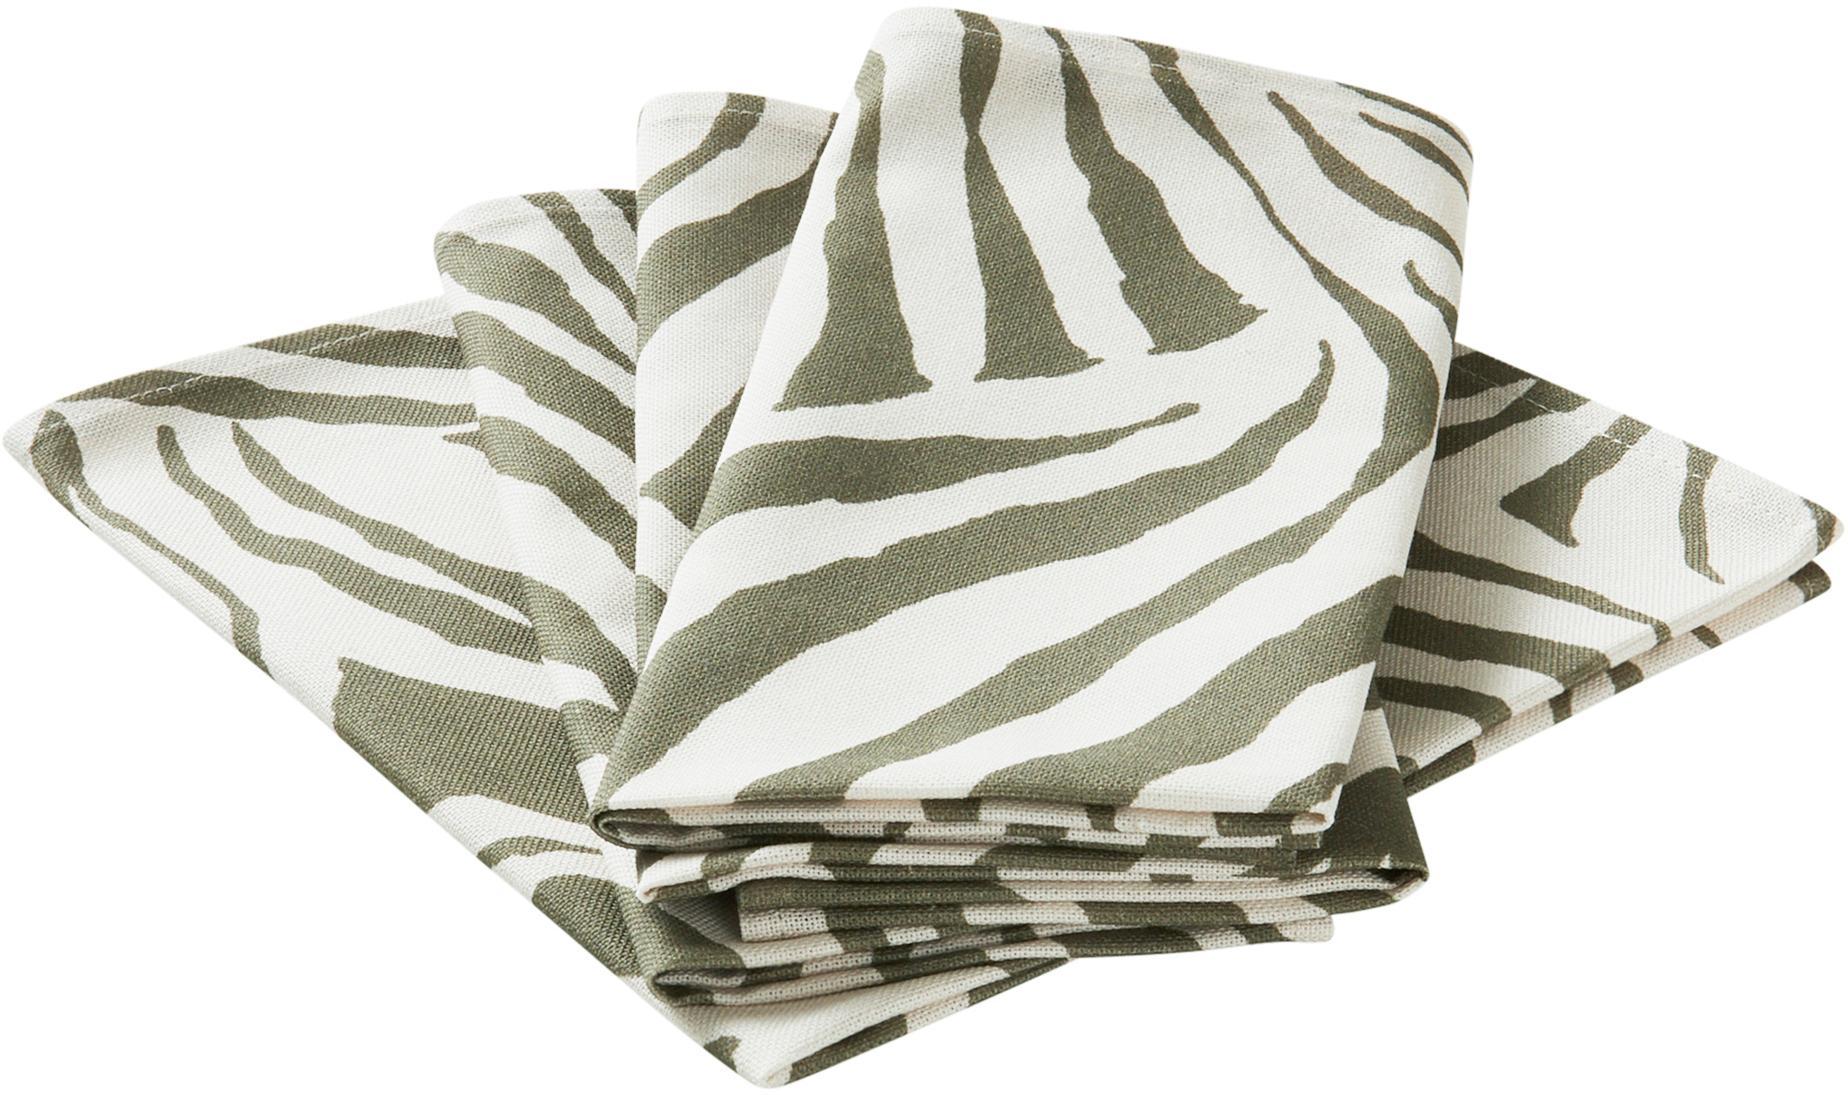 Serwetka z bawełny Zadie, 4 szt., 100% bawełna pochodząca ze zrównoważonych upraw, Oliwkowy zielony, kremowobiały, D 45 x S 45 cm